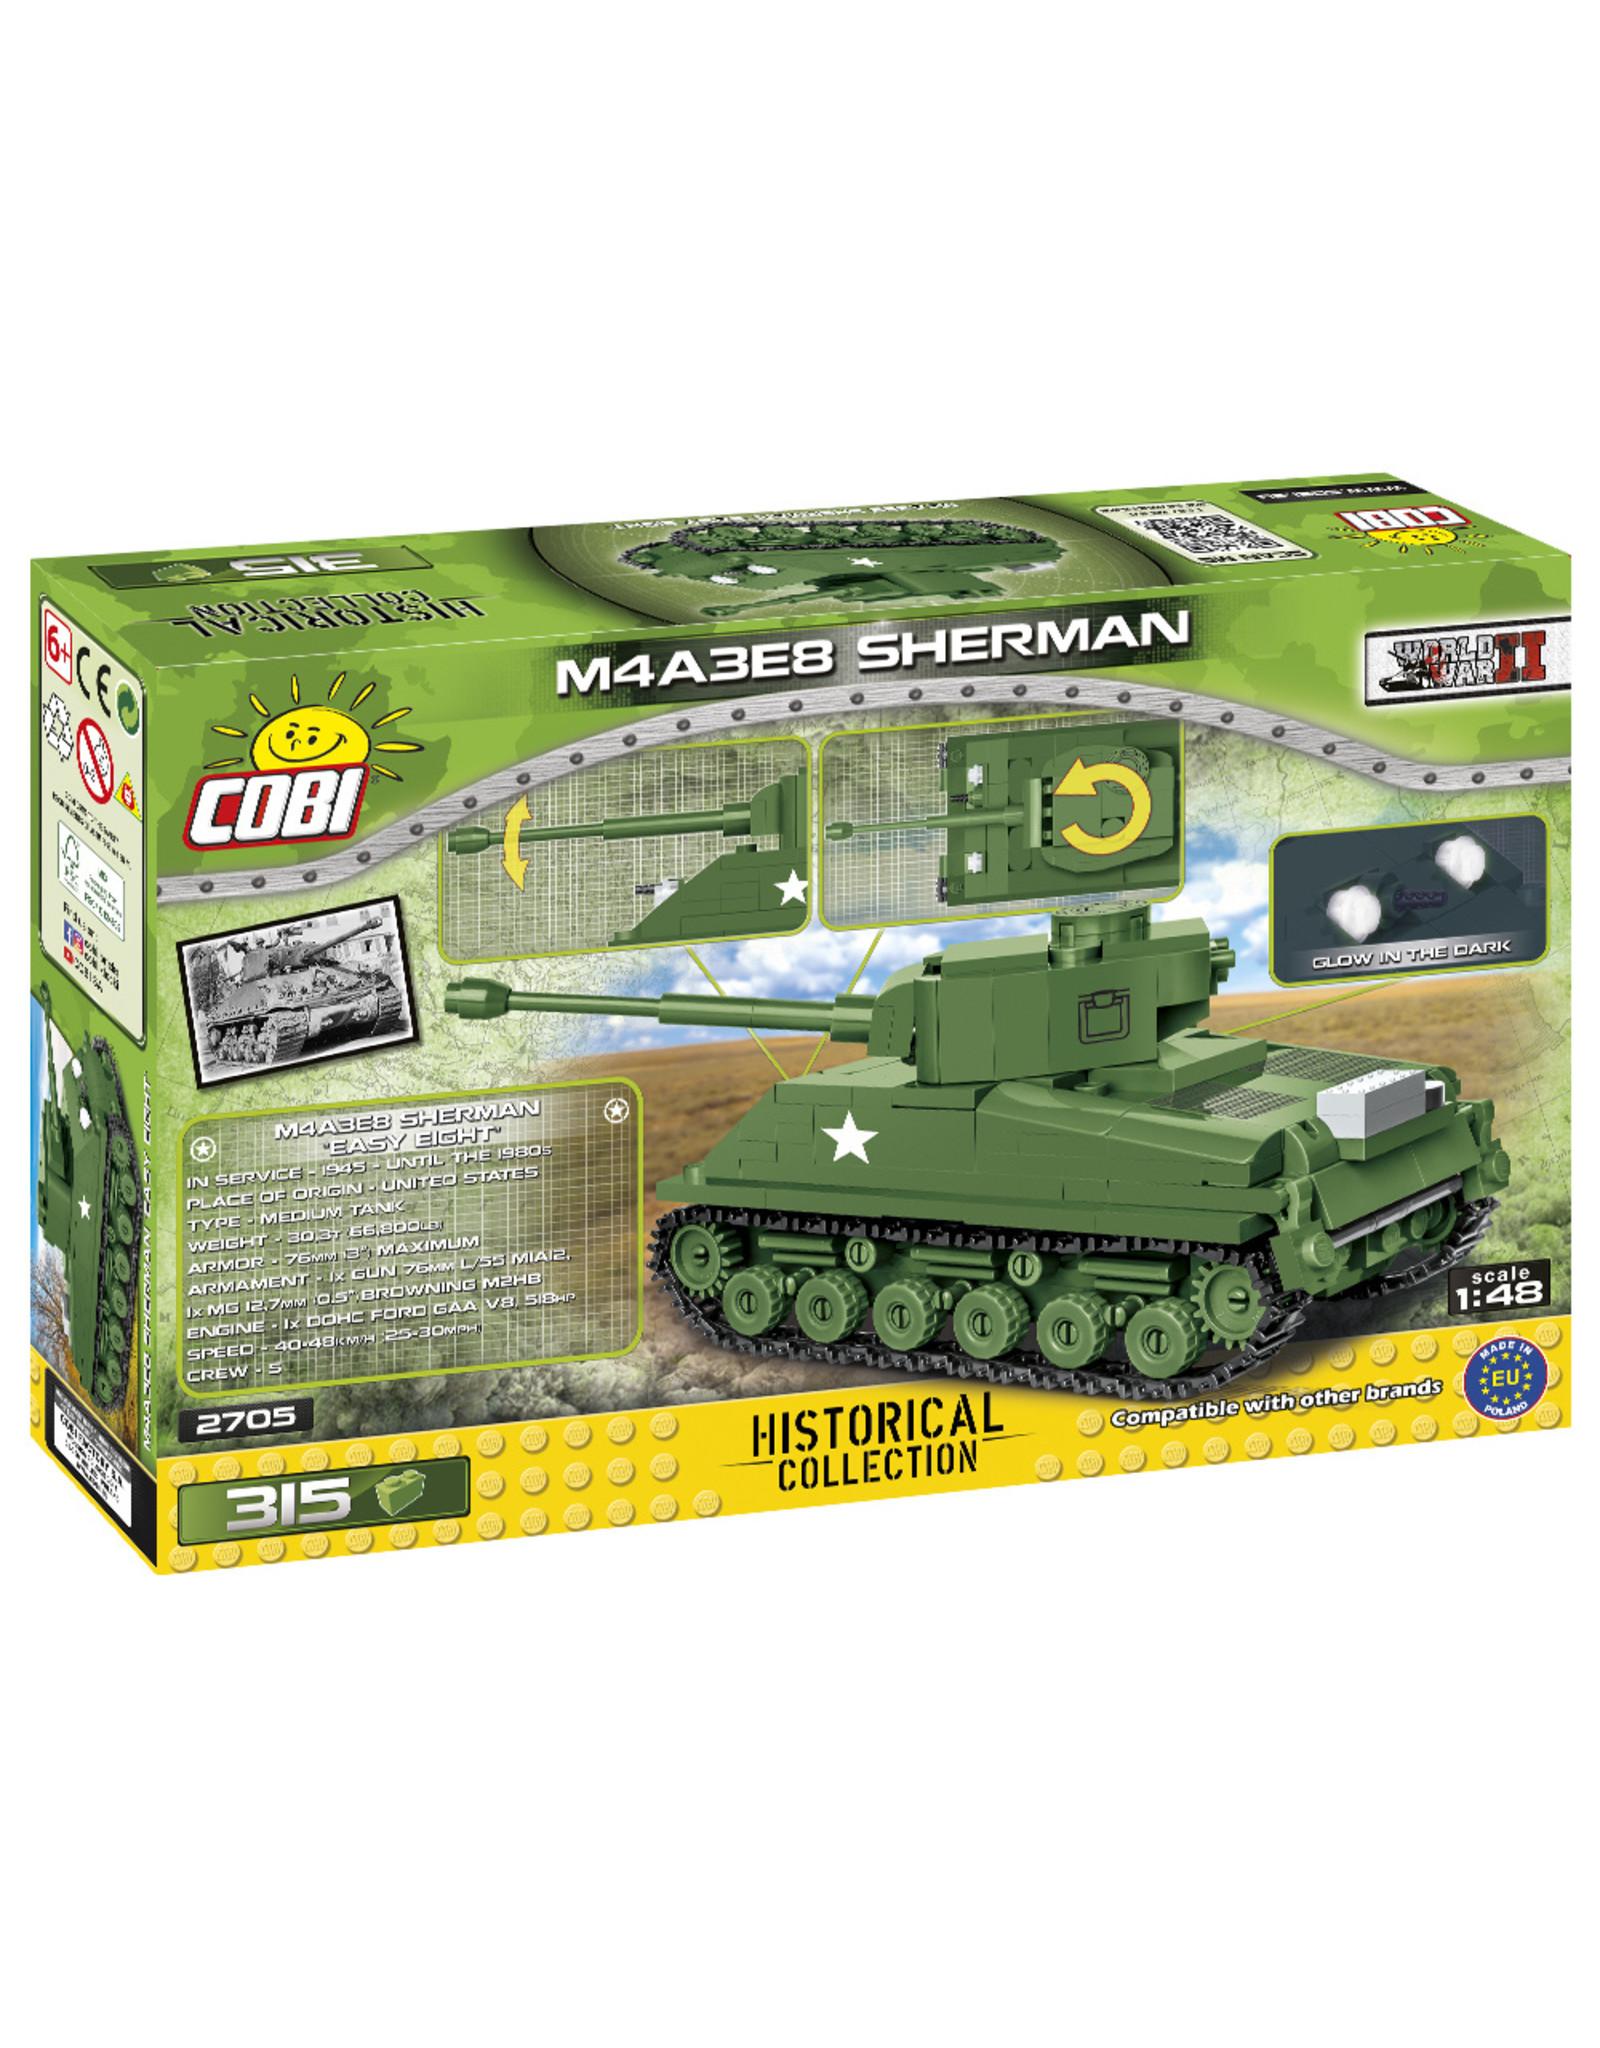 COBI Cobi WW2 2705 - M4A3E8 Sherman